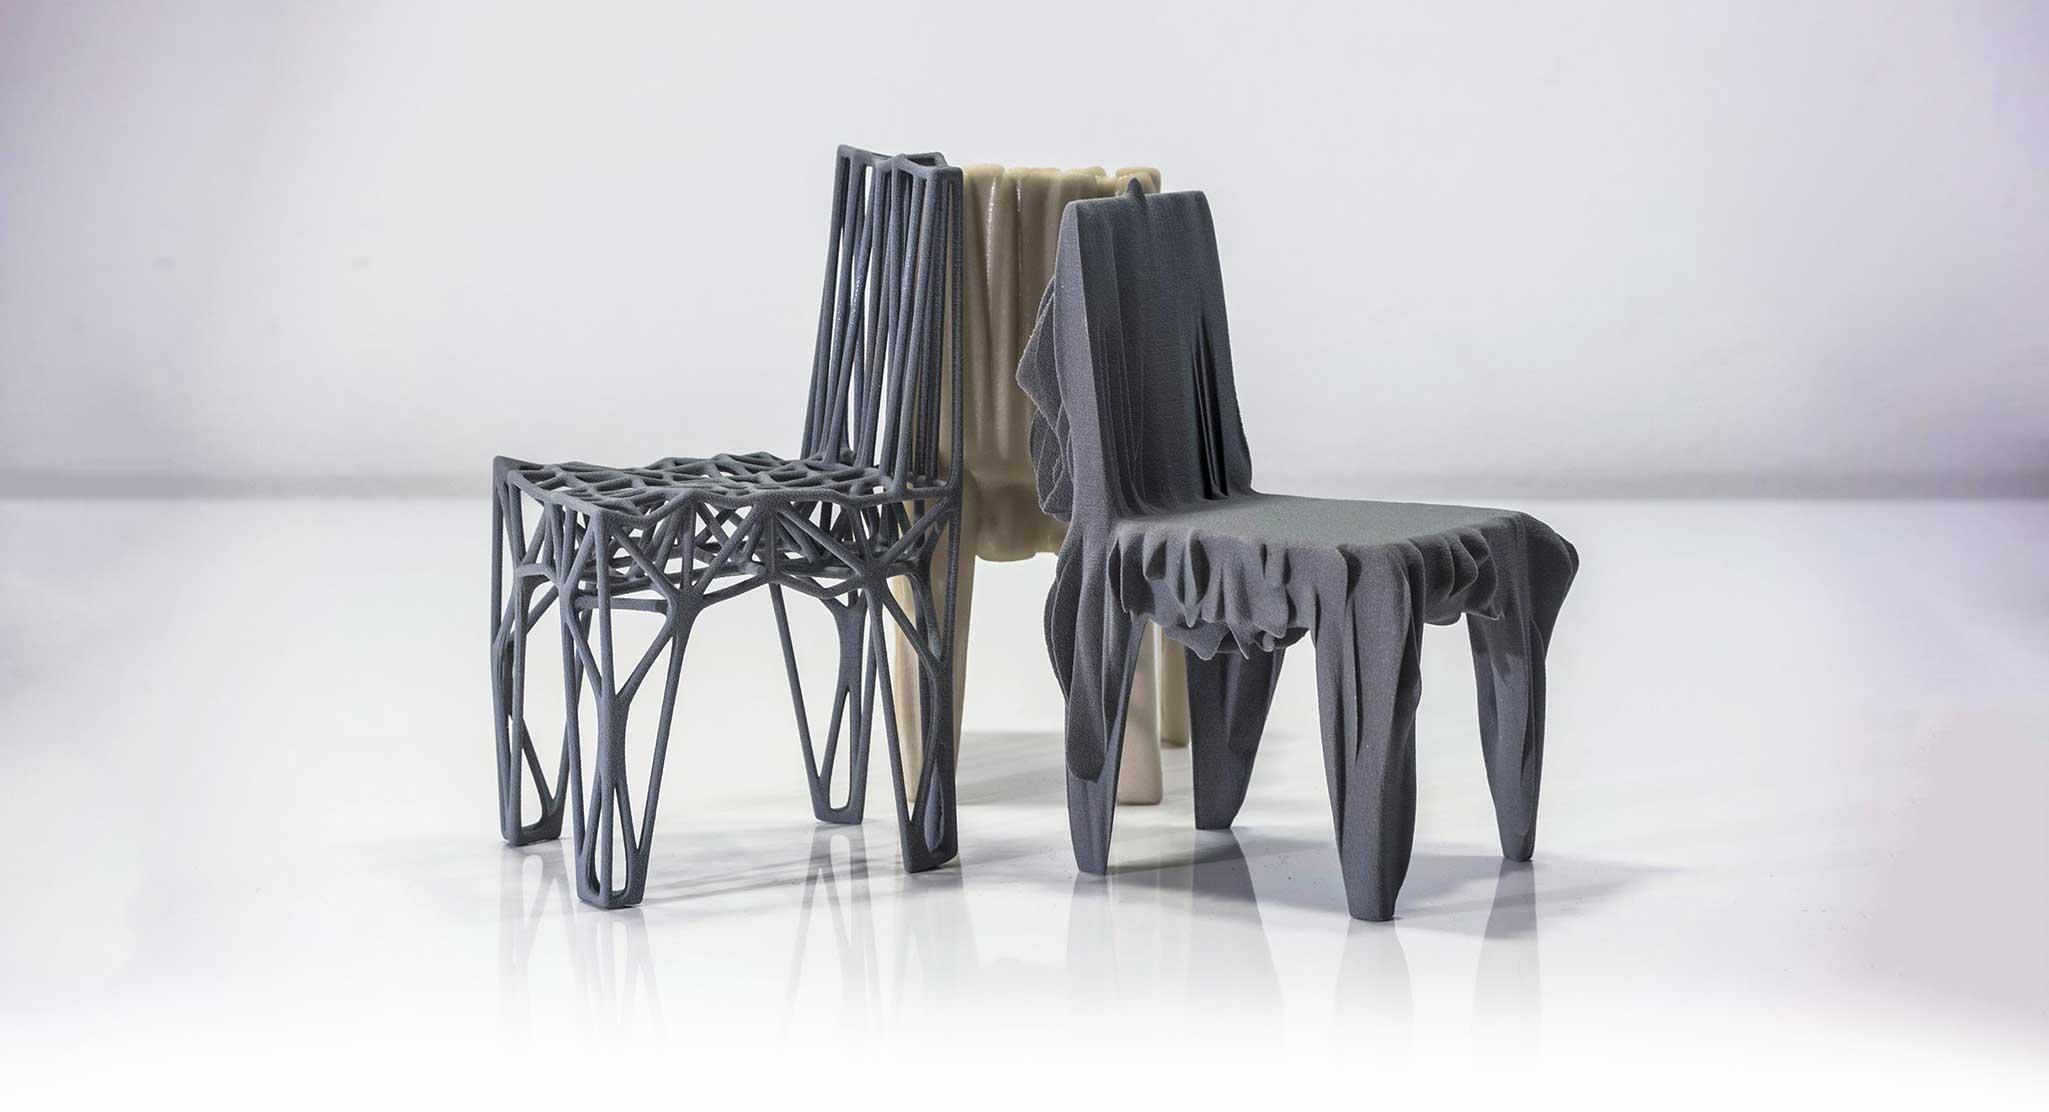 3d-gedruckte Stühle